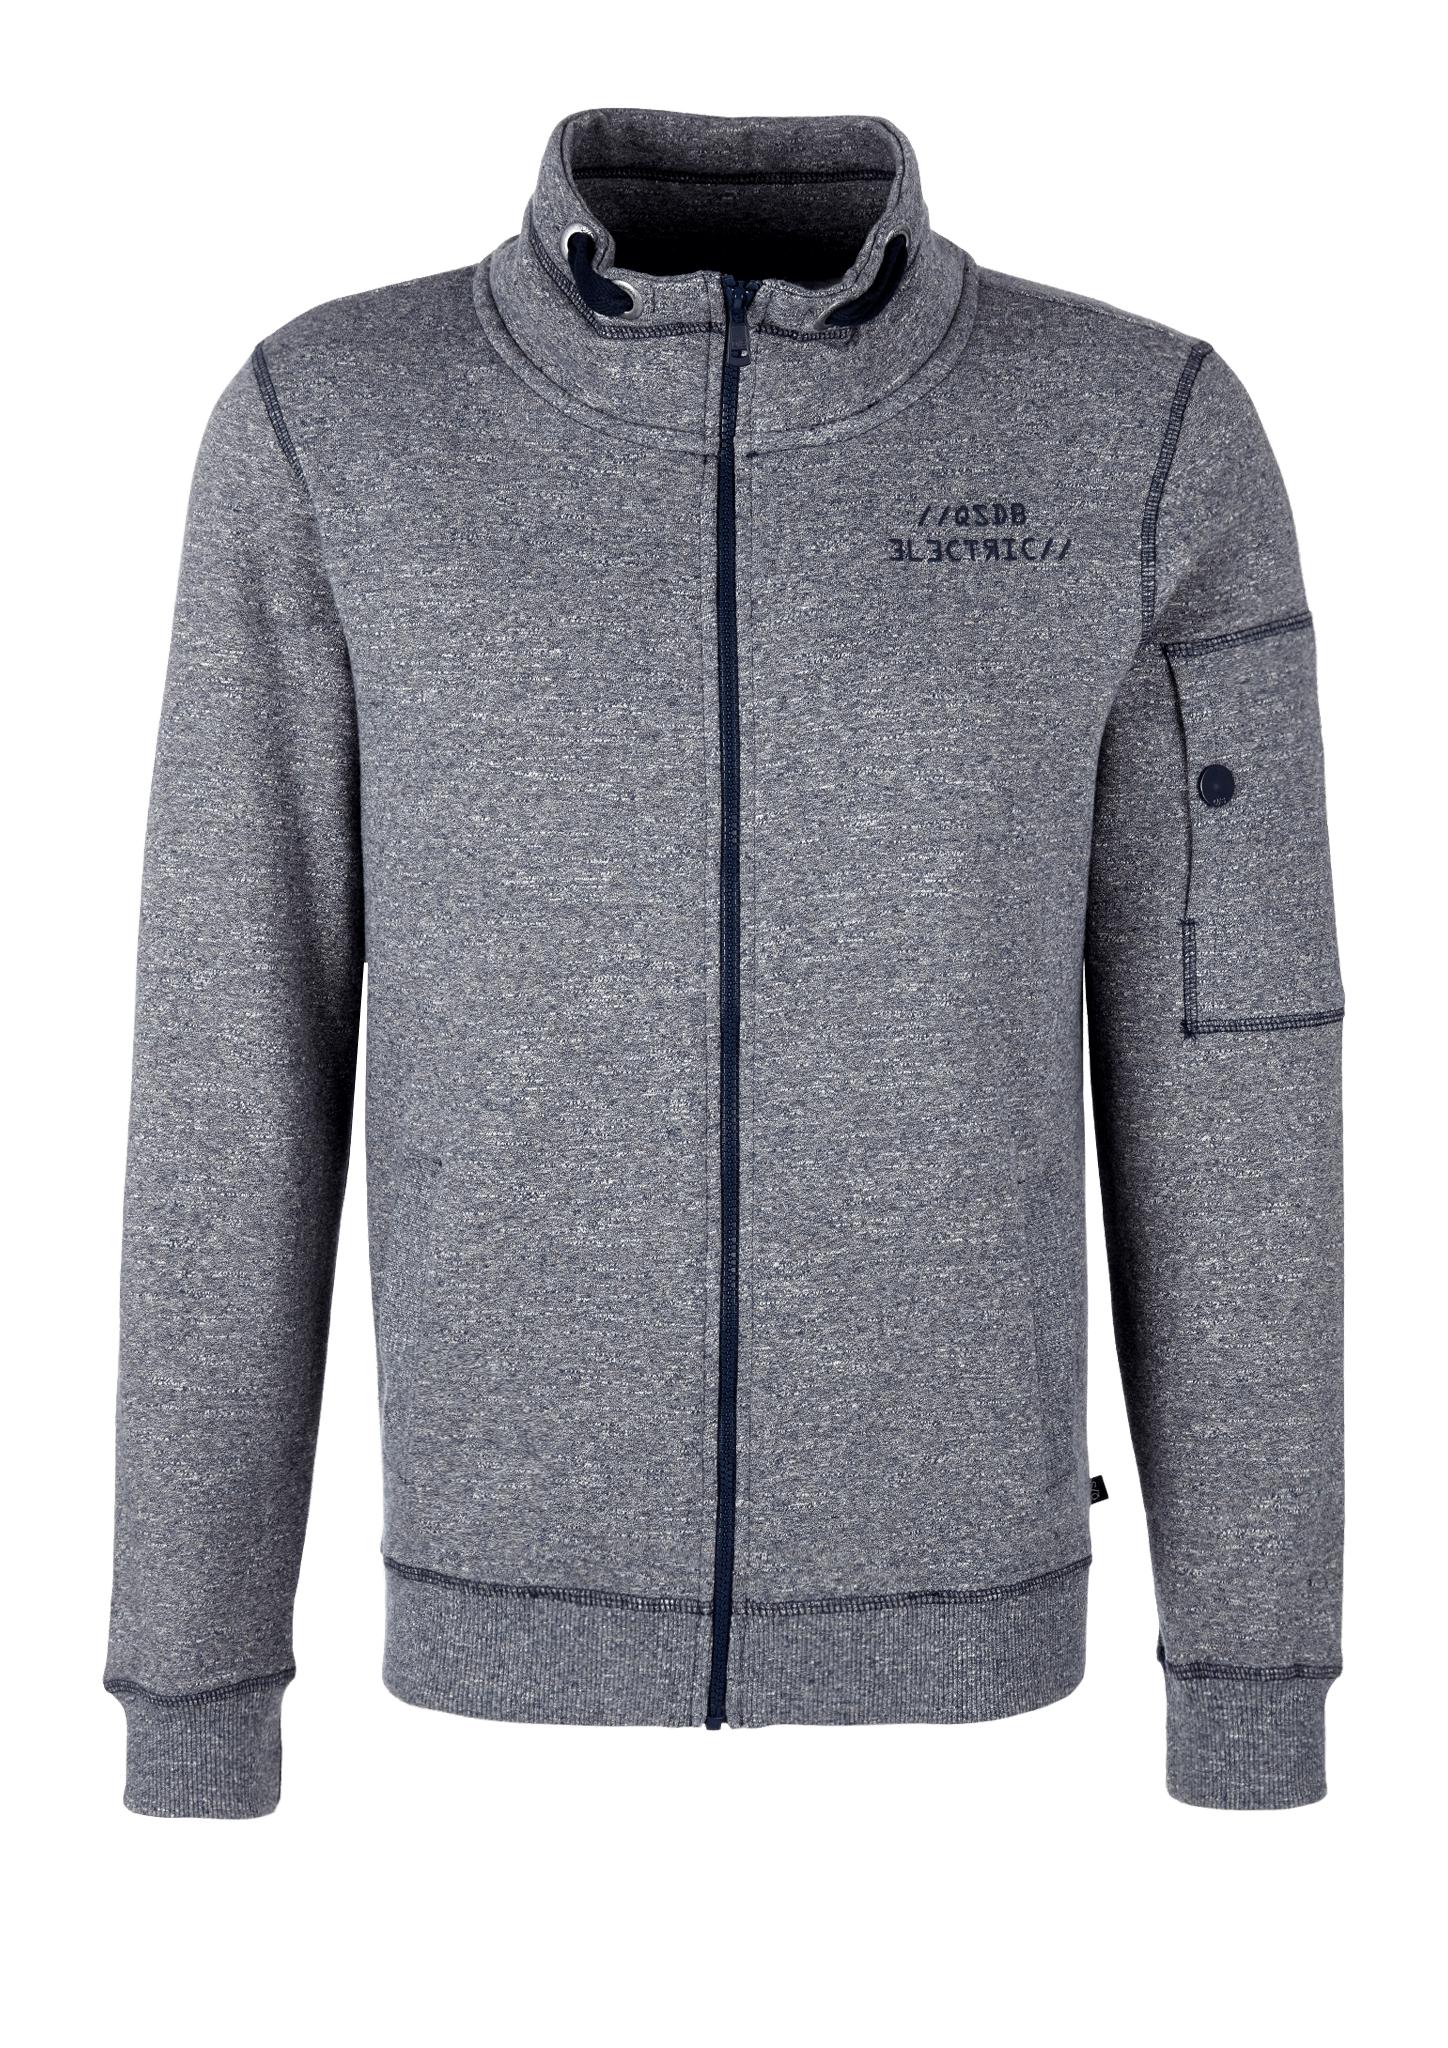 Sweatjacke | Bekleidung > Sweatshirts & -jacken > Sweatjacken | Blau | Obermaterial 75% baumwolle -  25% polyester| bund 97% baumwolle -  3% elasthan | Q/S designed by